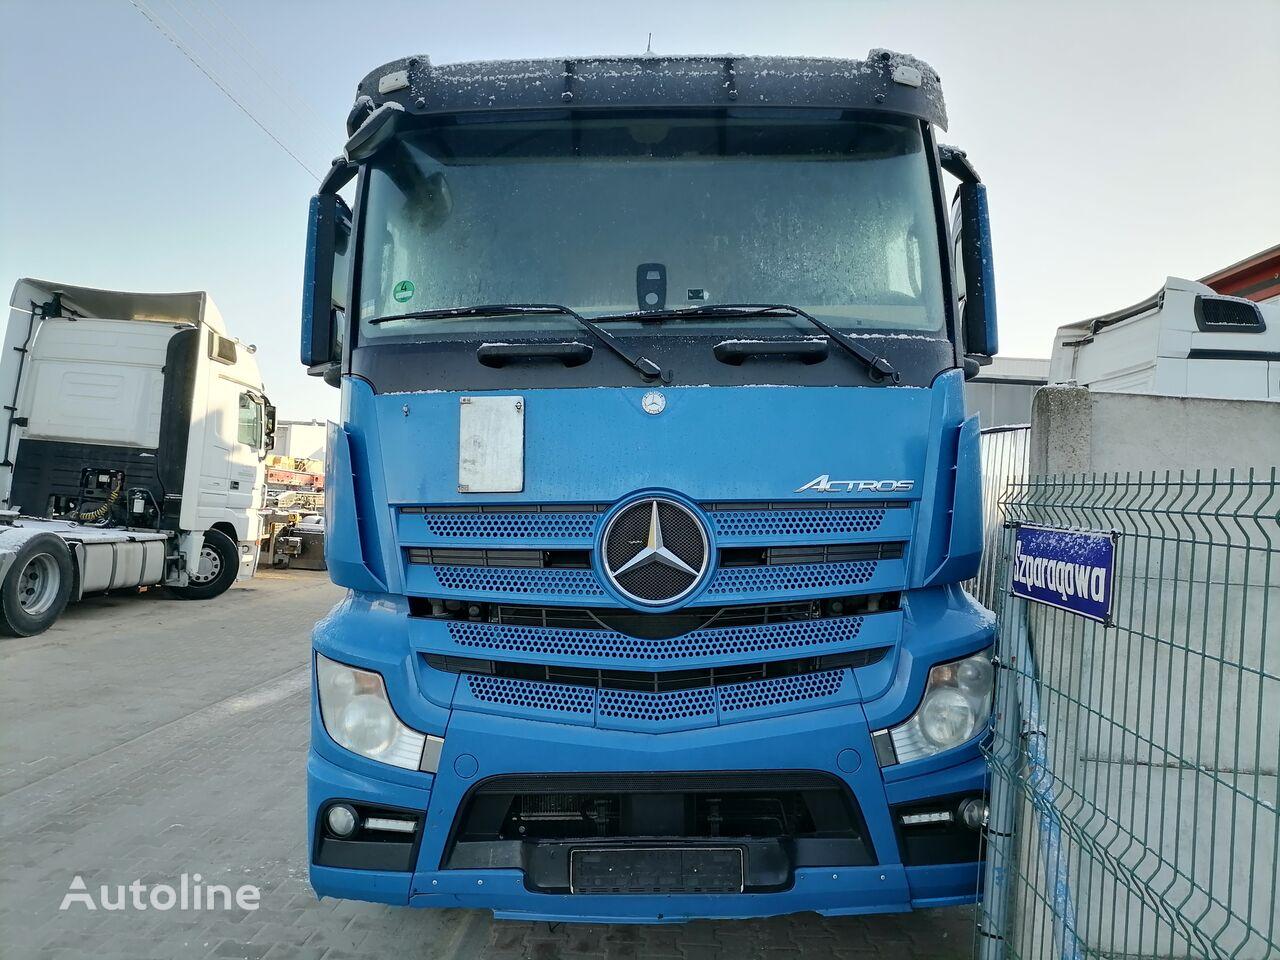 MERCEDES-BENZ Antos Arocs Actros MP4 cabin for MERCEDES-BENZ Actros MP4 truck